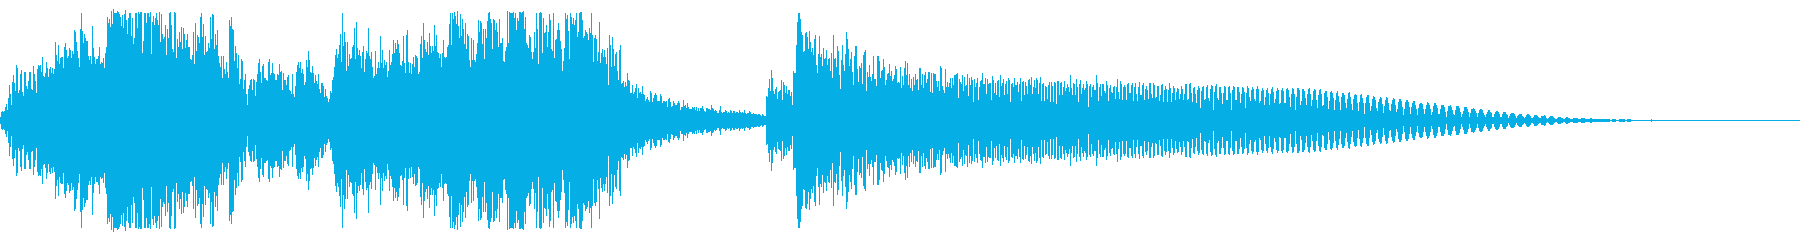 エレクトロみのある和風ジングルの再生済みの波形